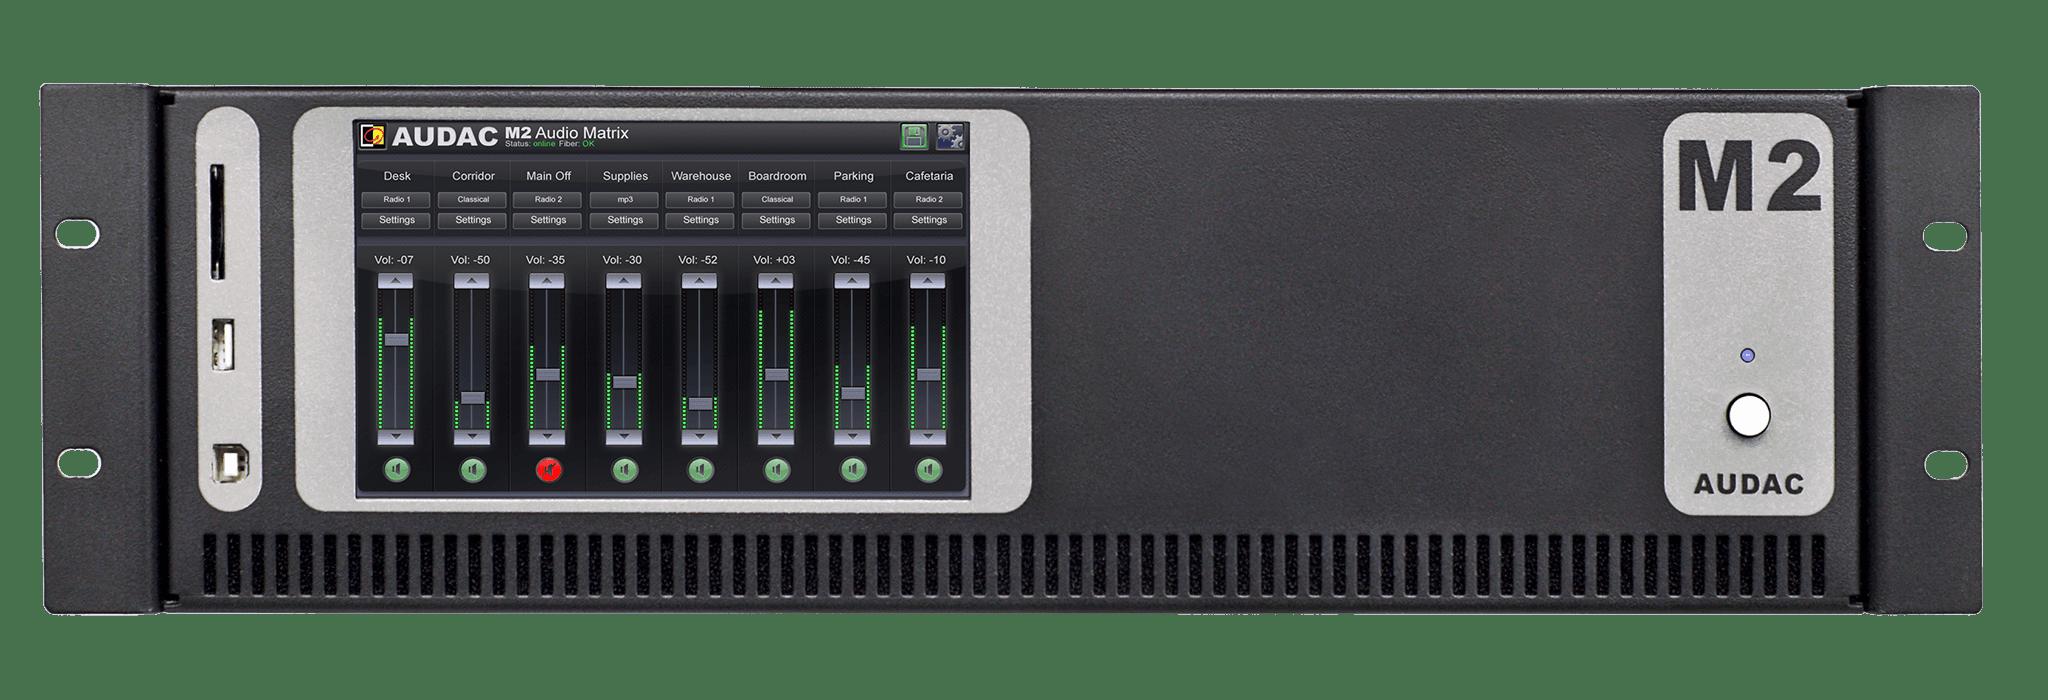 M2 - Multimedia digital audio mixer